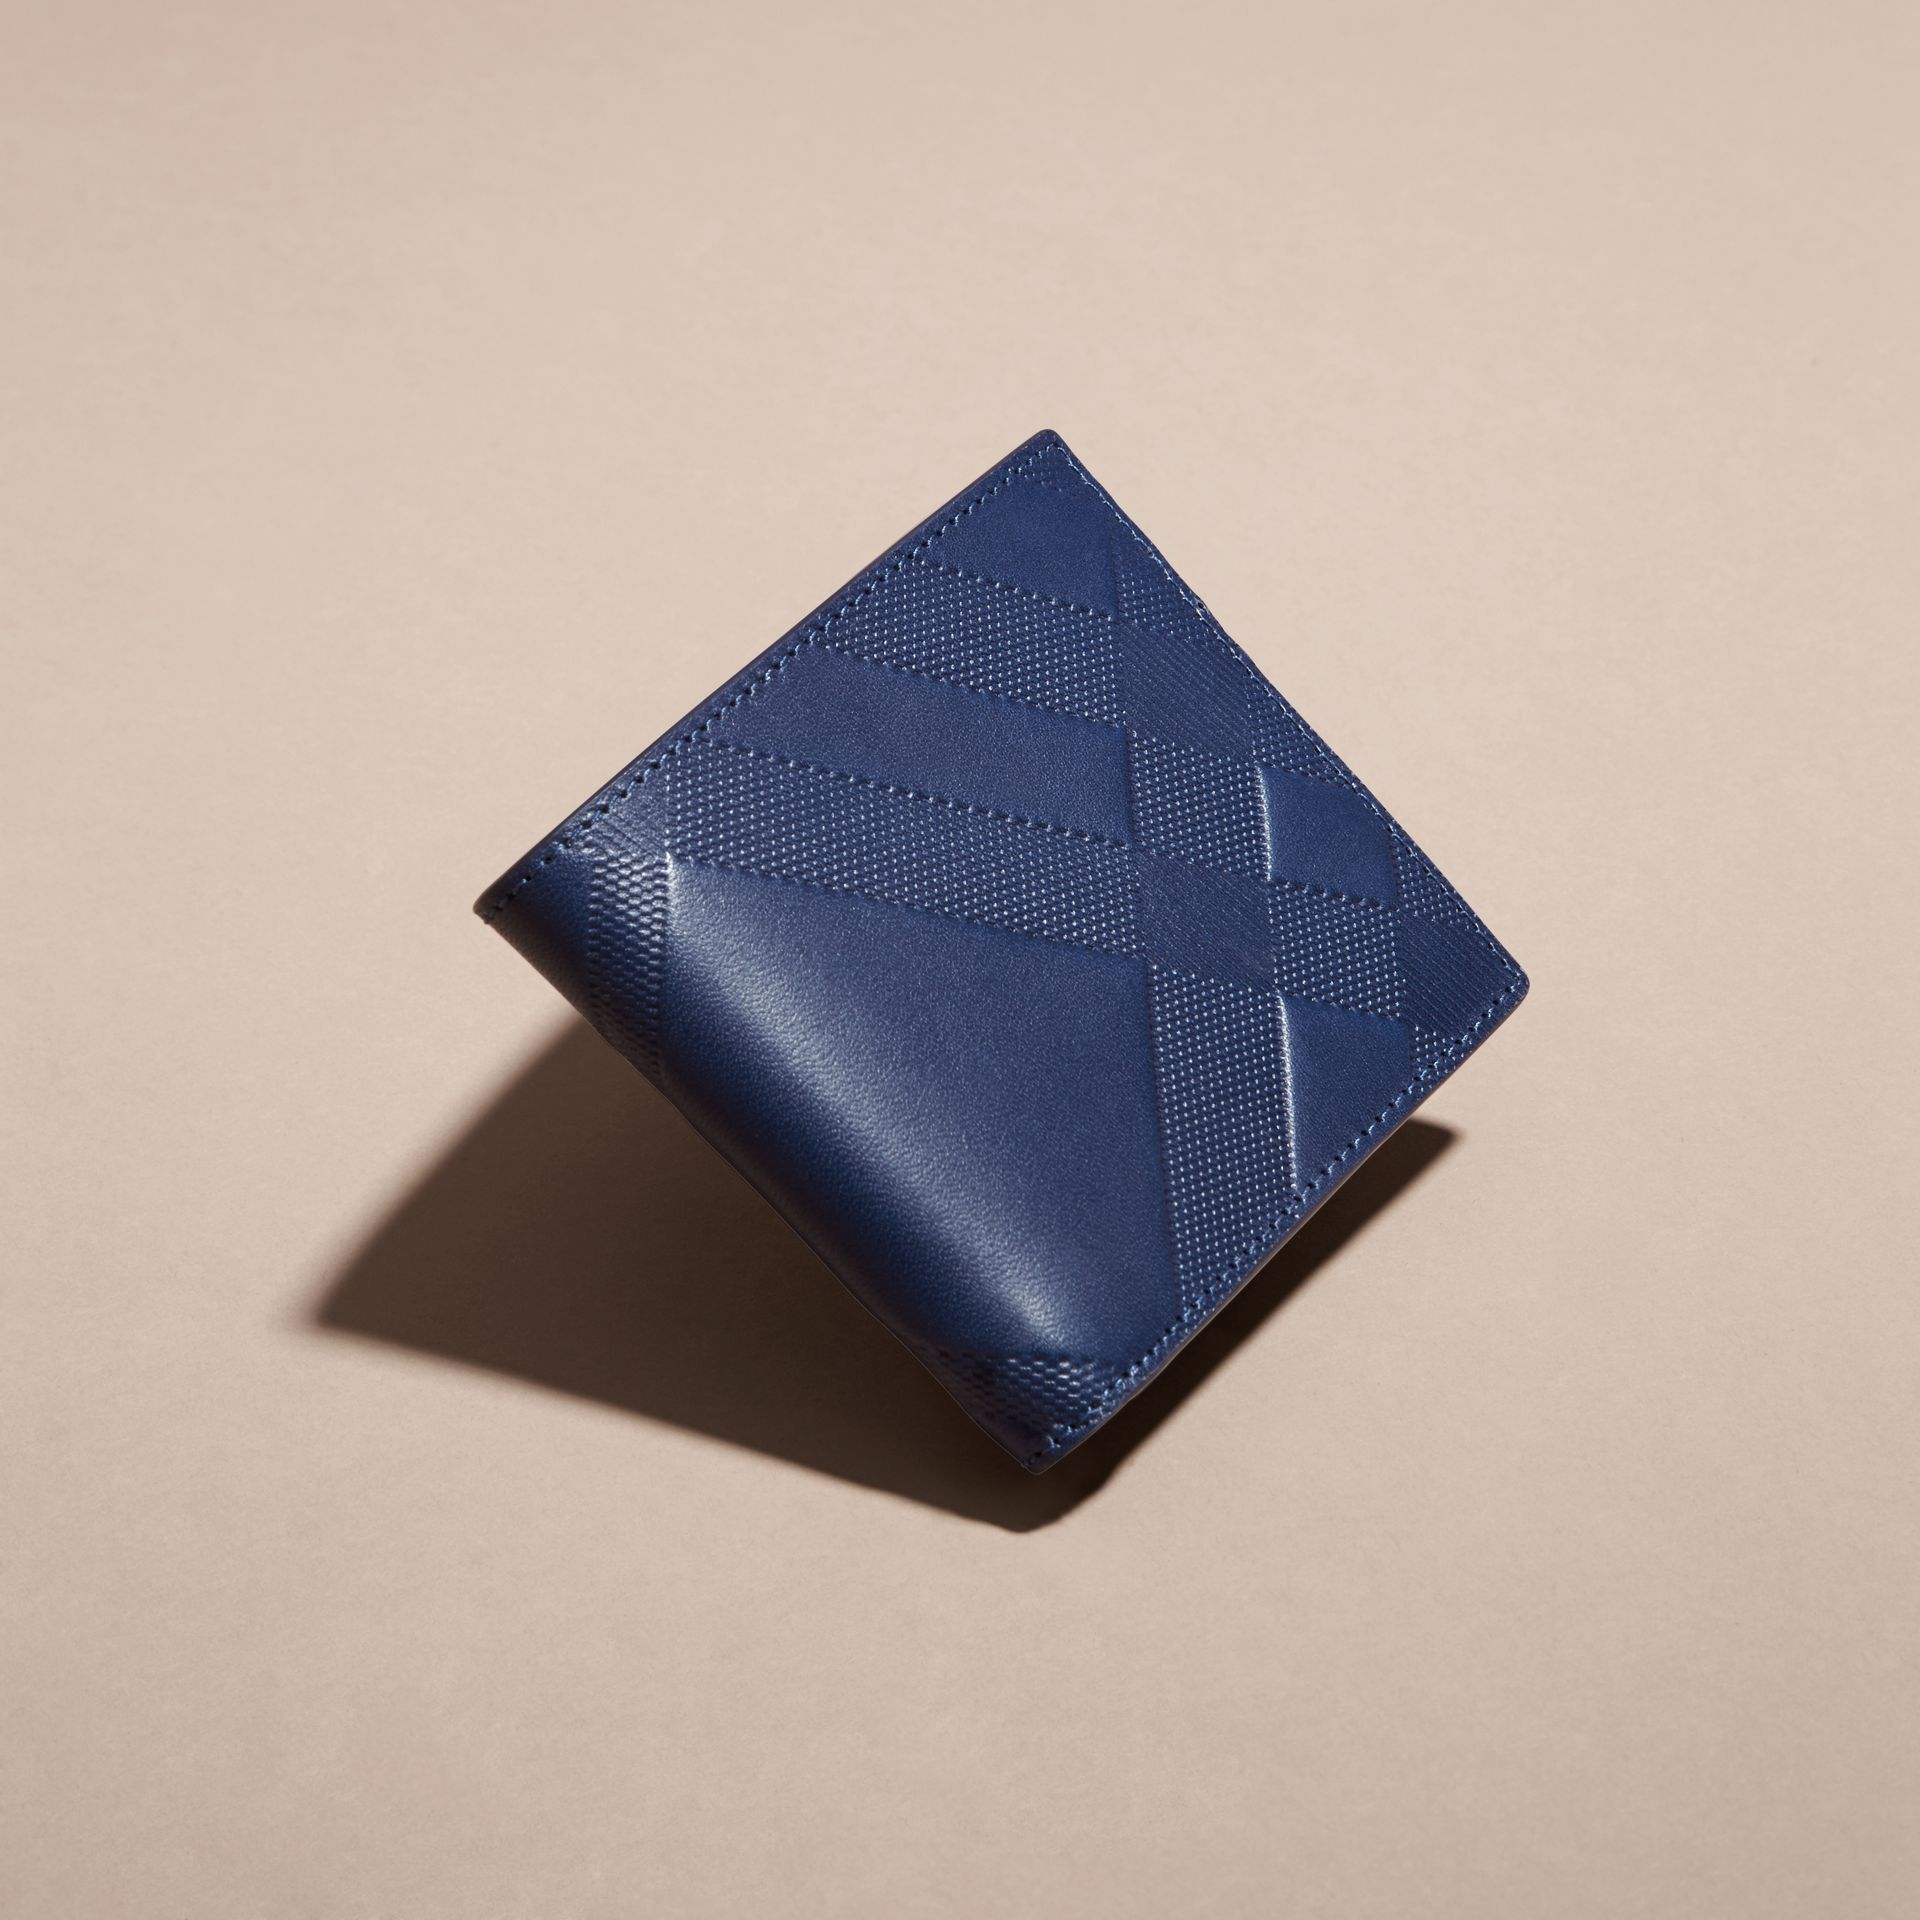 Blu lapislazzulo Portafoglio a libro in pelle con motivo check in rilievo Blu Lapislazzulo - immagine della galleria 2